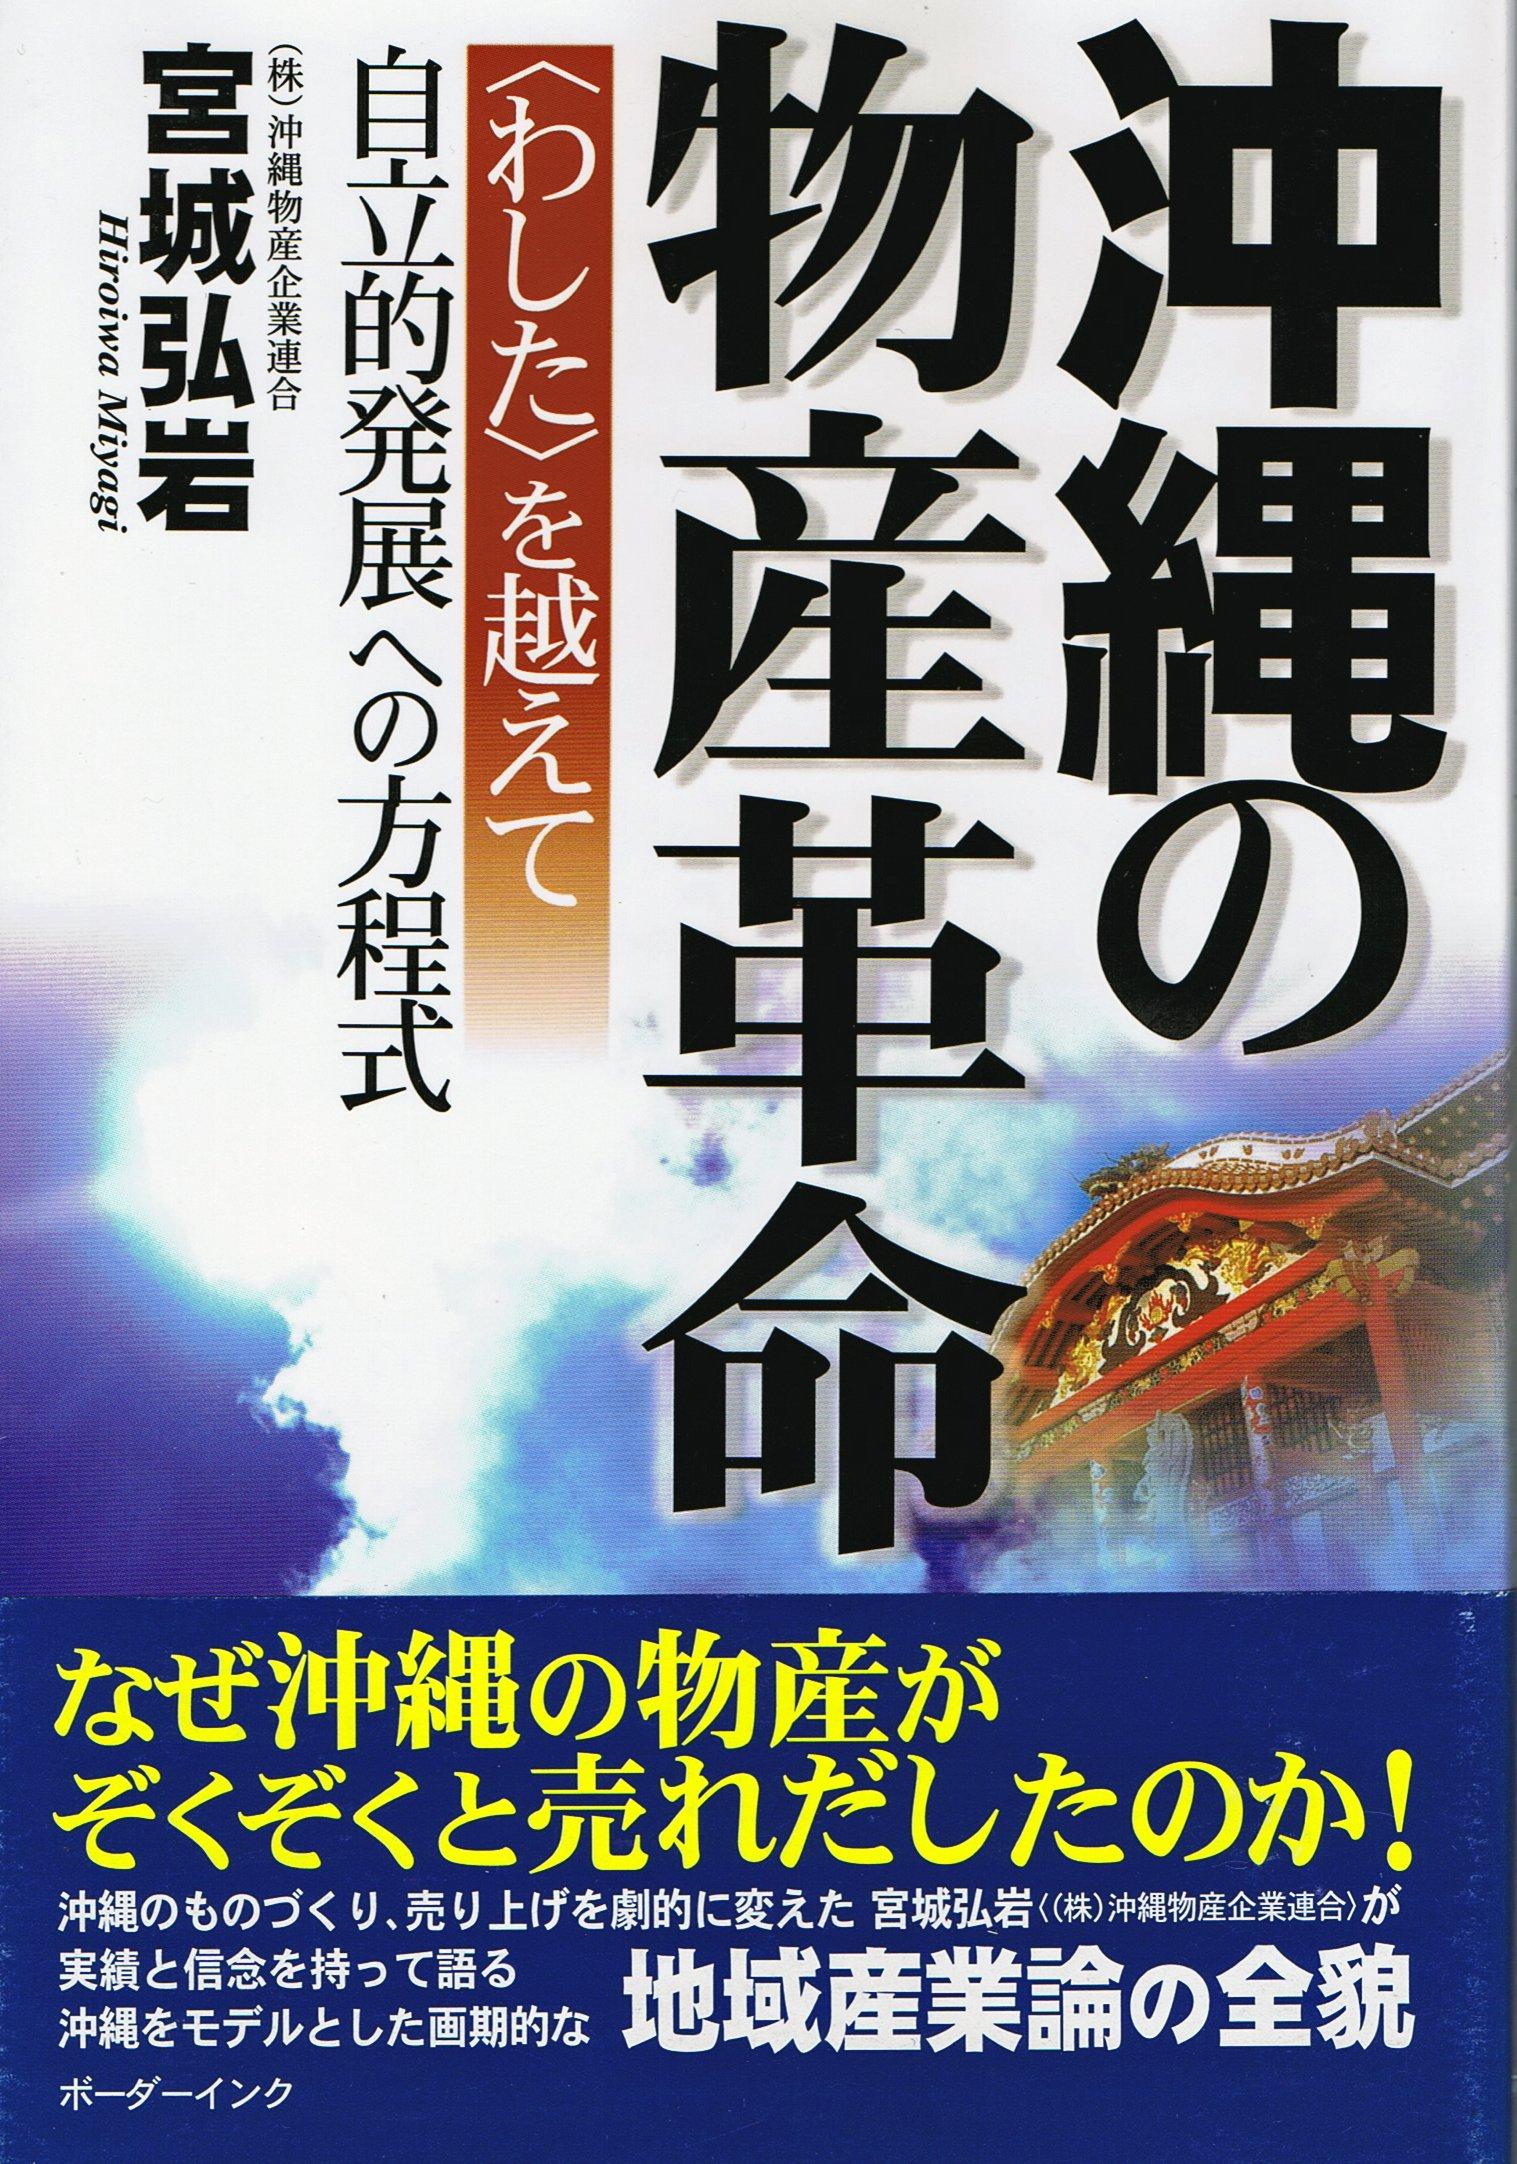 株式会社沖縄物産企業連合」の検...